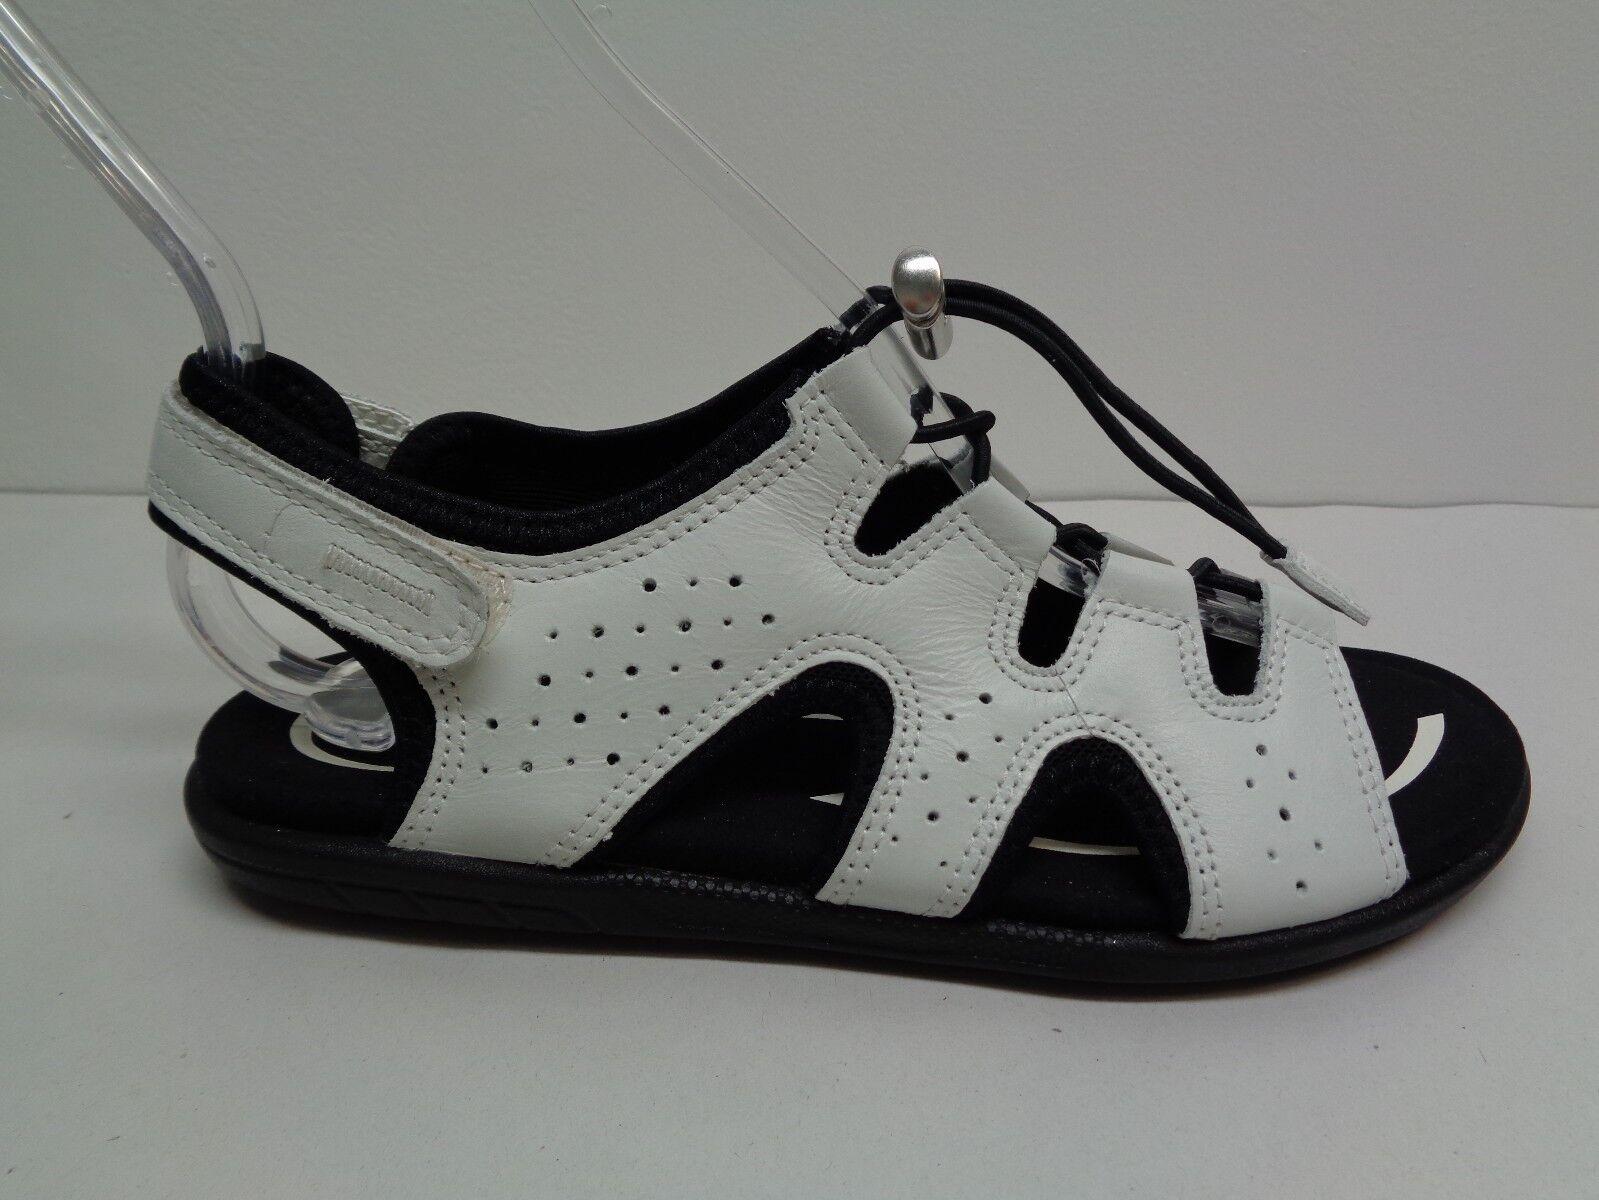 Ecco tamaño 6 a 6.5 EUR EUR EUR 37 azulma alternar Sandalias De Cuero blancoo Nuevo Zapatos para mujer  bienvenido a orden